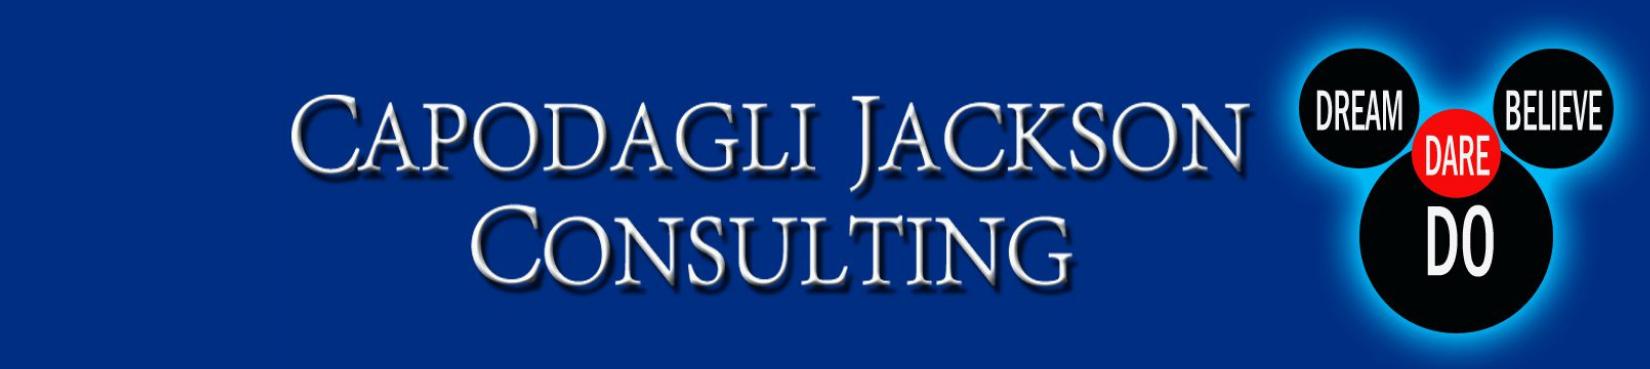 Capodagli Jackson Consulting